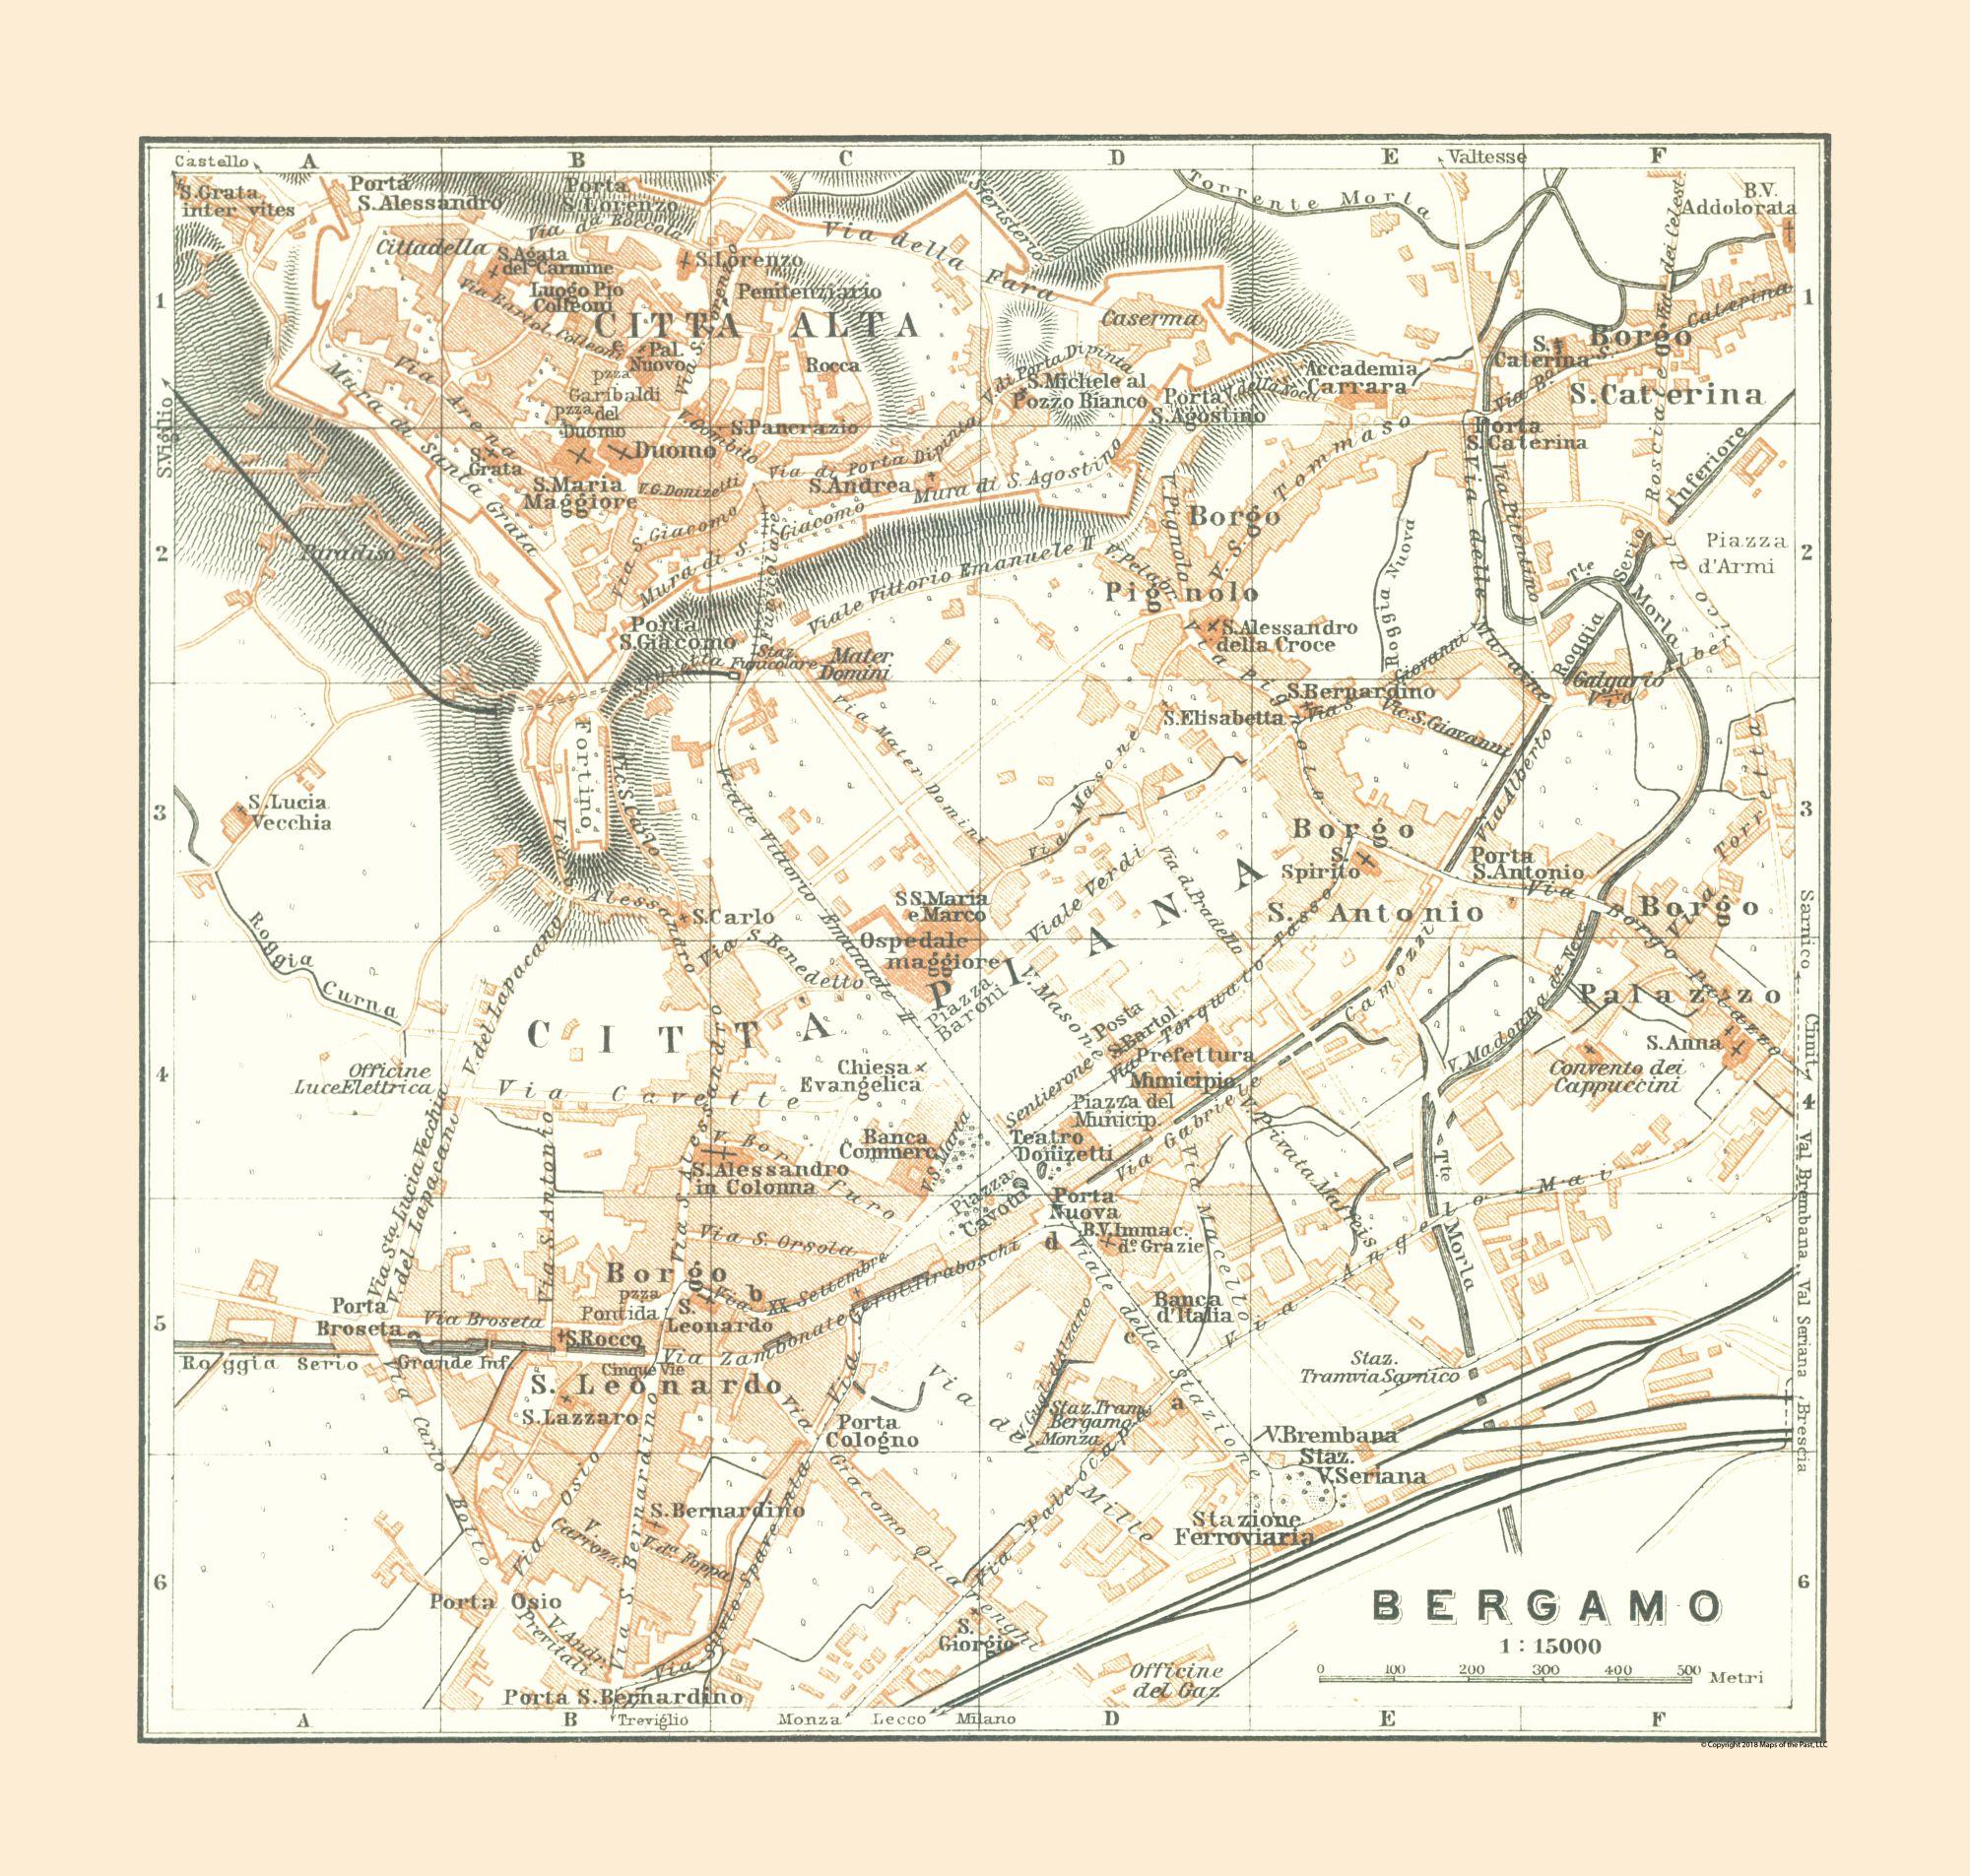 International Map - Bergamo - Italy - Bertarelli 1914 - 24.15 x 23 on comacchio italy map, punta ala italy map, pienza italy map, narni italy map, road distances italy map, capannori italy map, tresana italy map, chianti italy map, codroipo italy map, pianosa italy map, cinque terre italy map, lavagna italy map, bogliasco italy map, florence italy map, coastal italy map, simple italy map, noce italy map, porto venere italy map, arezzo italy map, conegliano italy map,